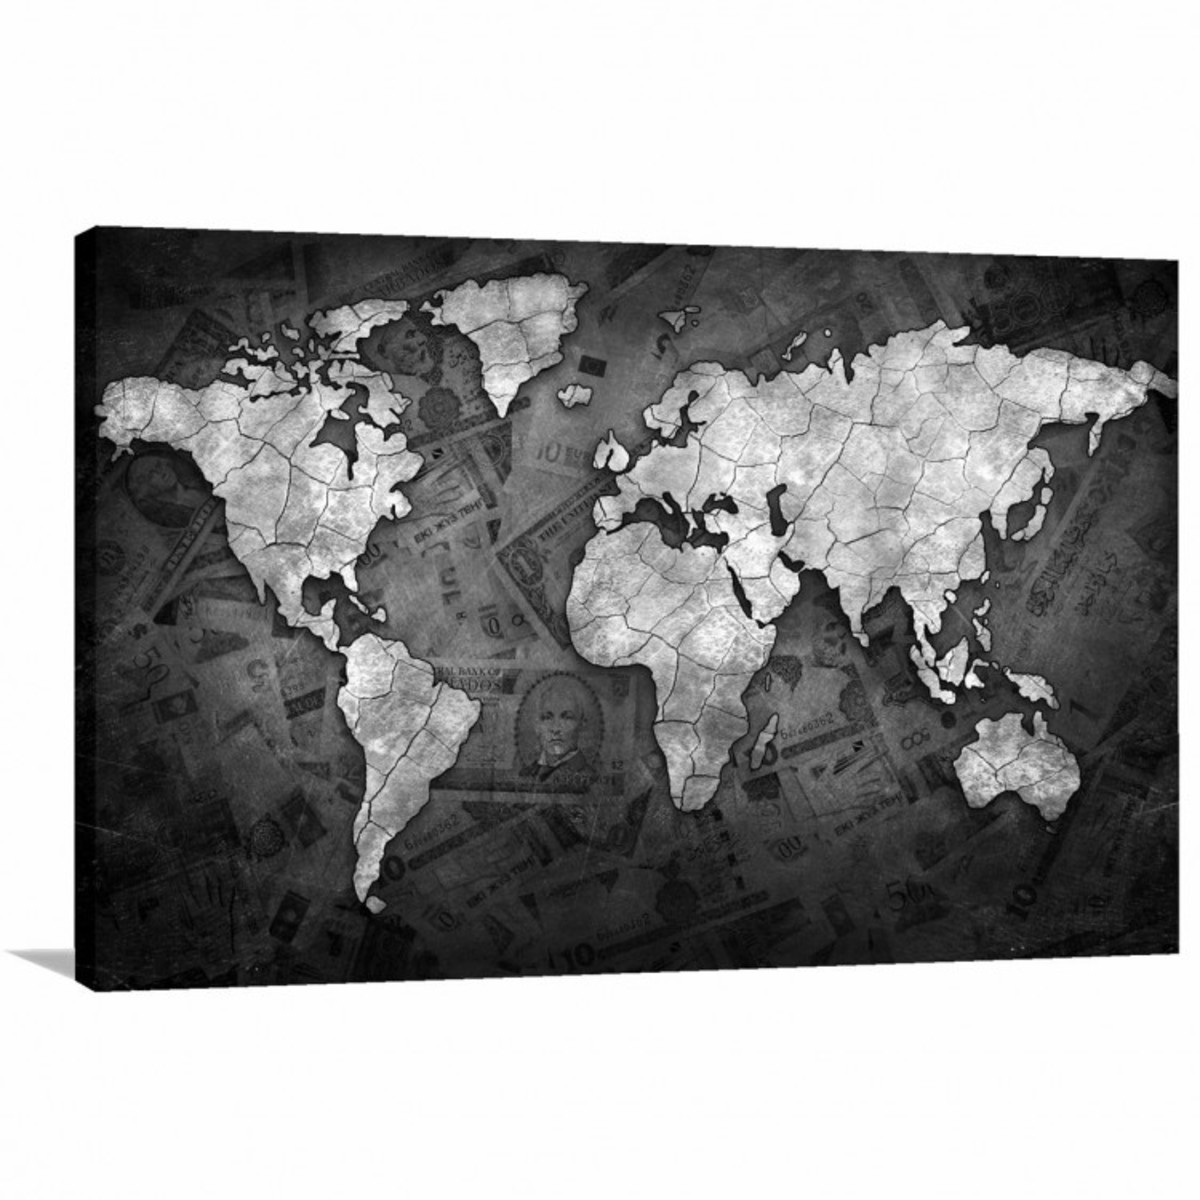 Quadro Decorativo Mapa Mundi Black Money Tela Em Tecido No